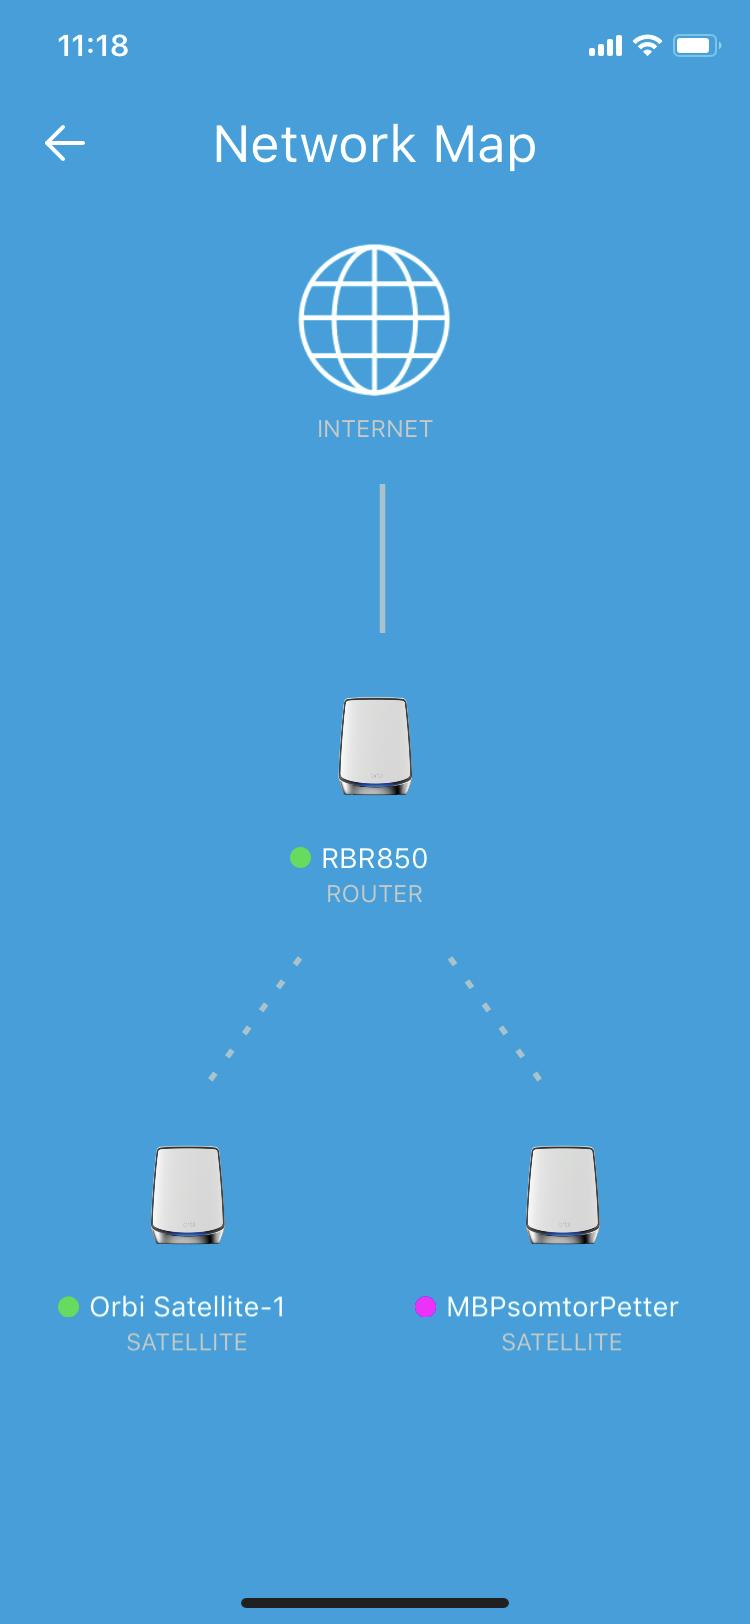 Orbis nätverkskarta är ganska knapphändig jämfört med Unifi Networks, men det är ju även en fråga om vad man behöver och vill veta.